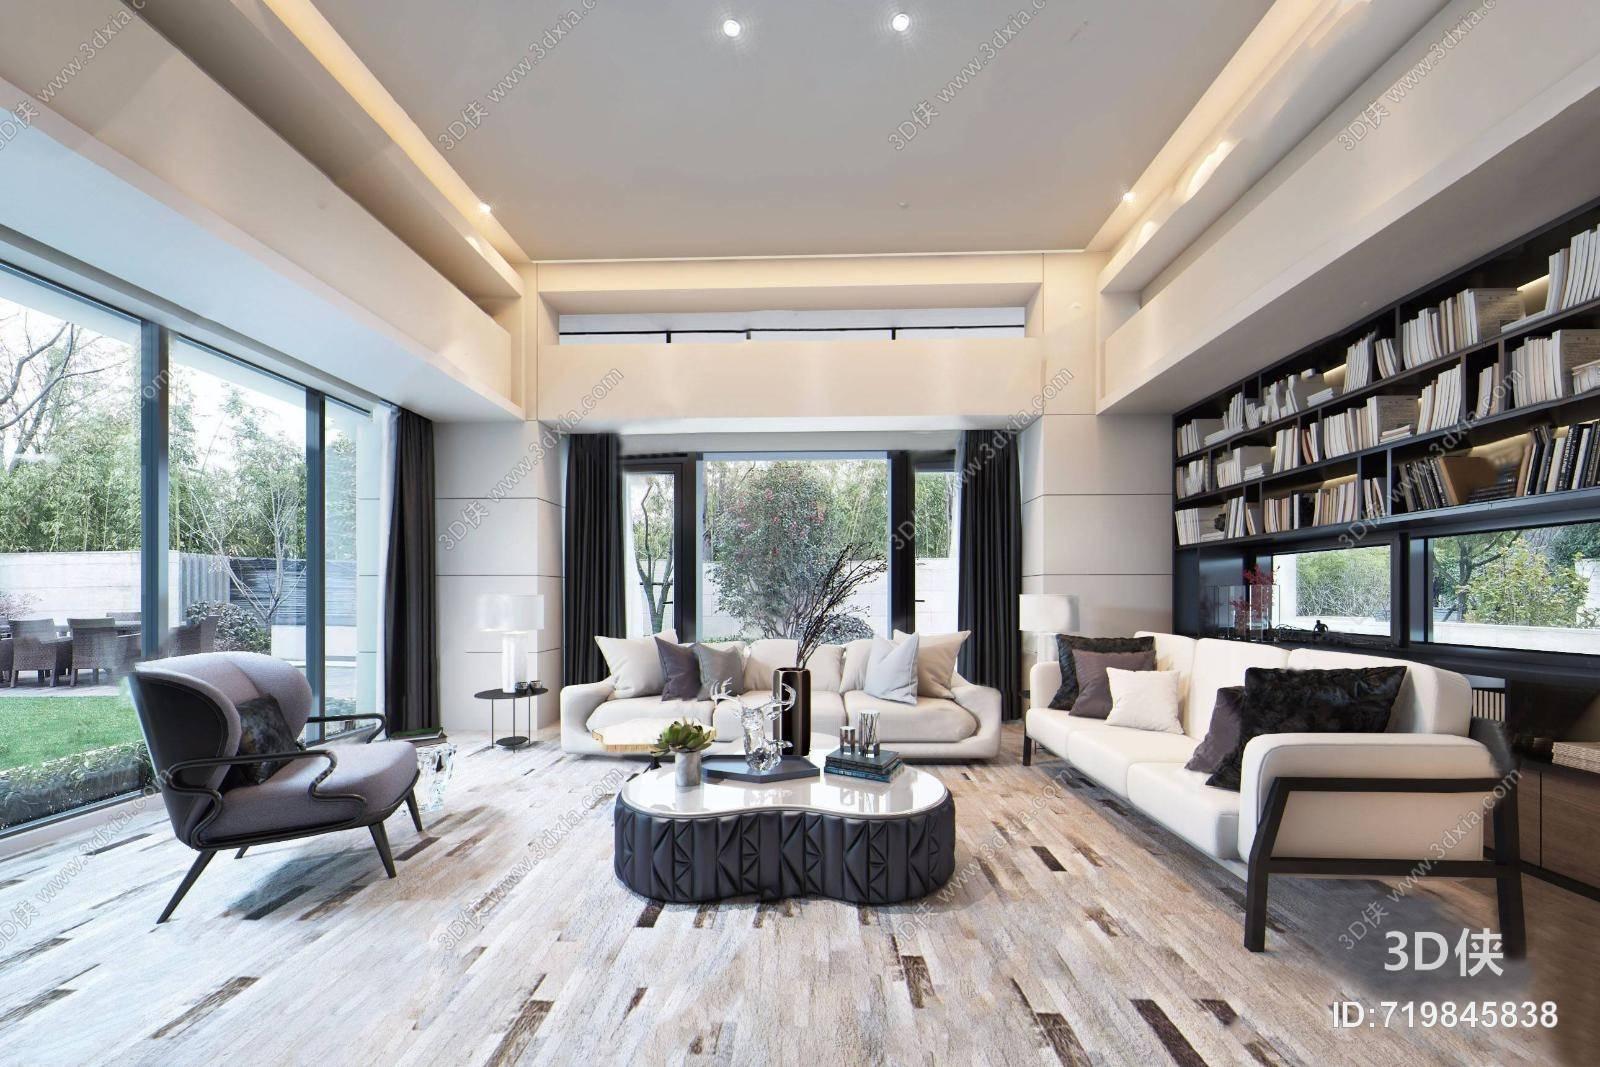 邱德光现代客厅3D模型 沙发组合 茶几 单人沙发 书架